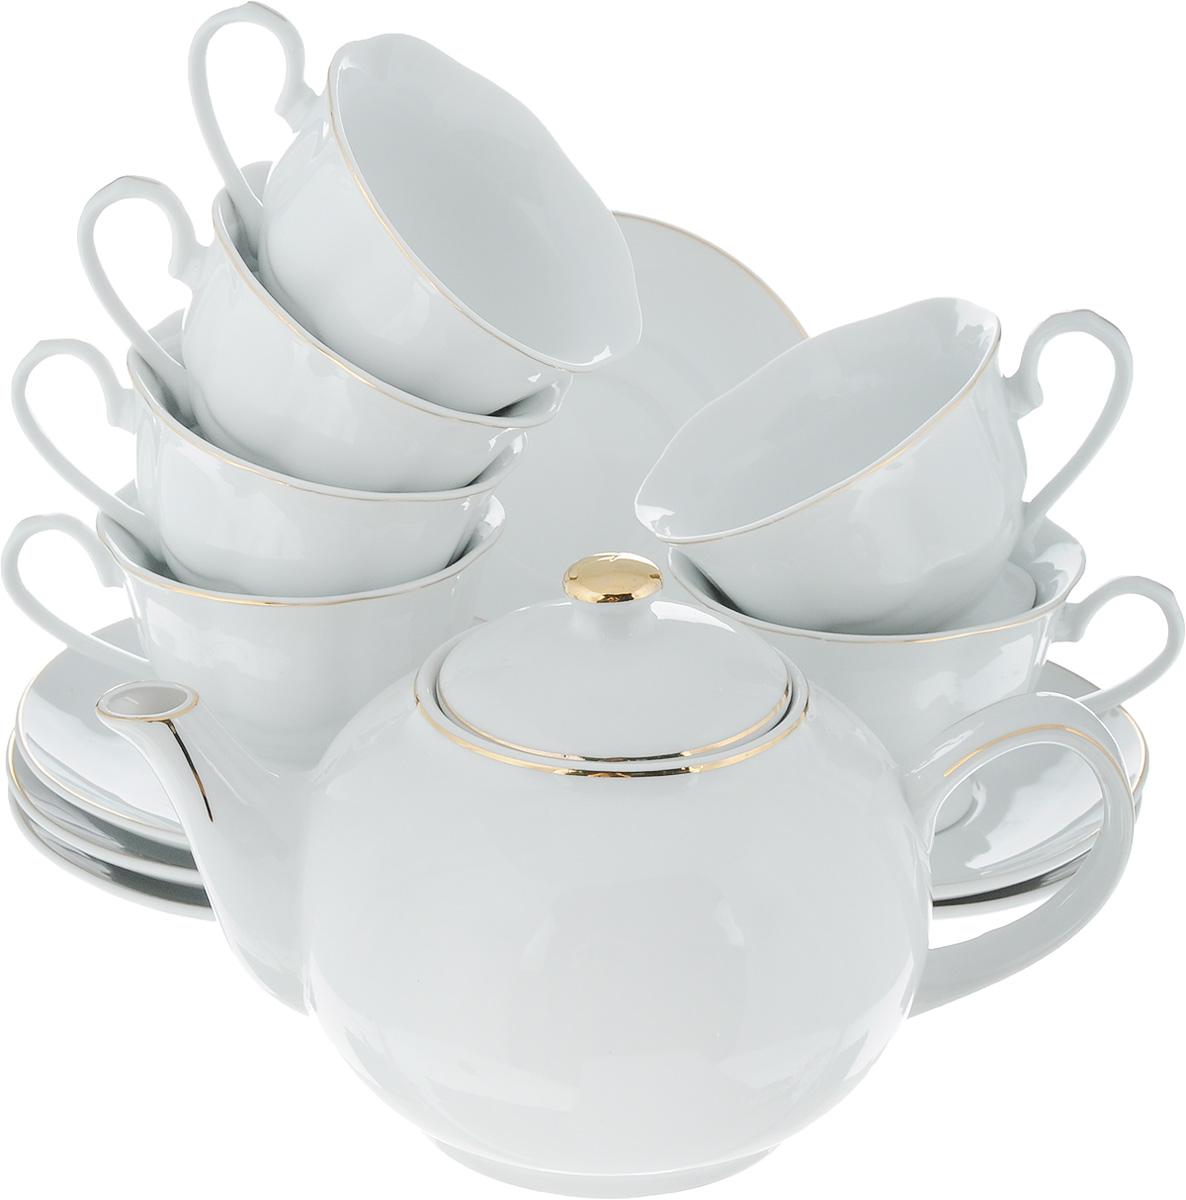 Сервиз чайный Loraine, 13 предметов чайный сервиз 13 предметов alex чайный сервиз 13 предметов